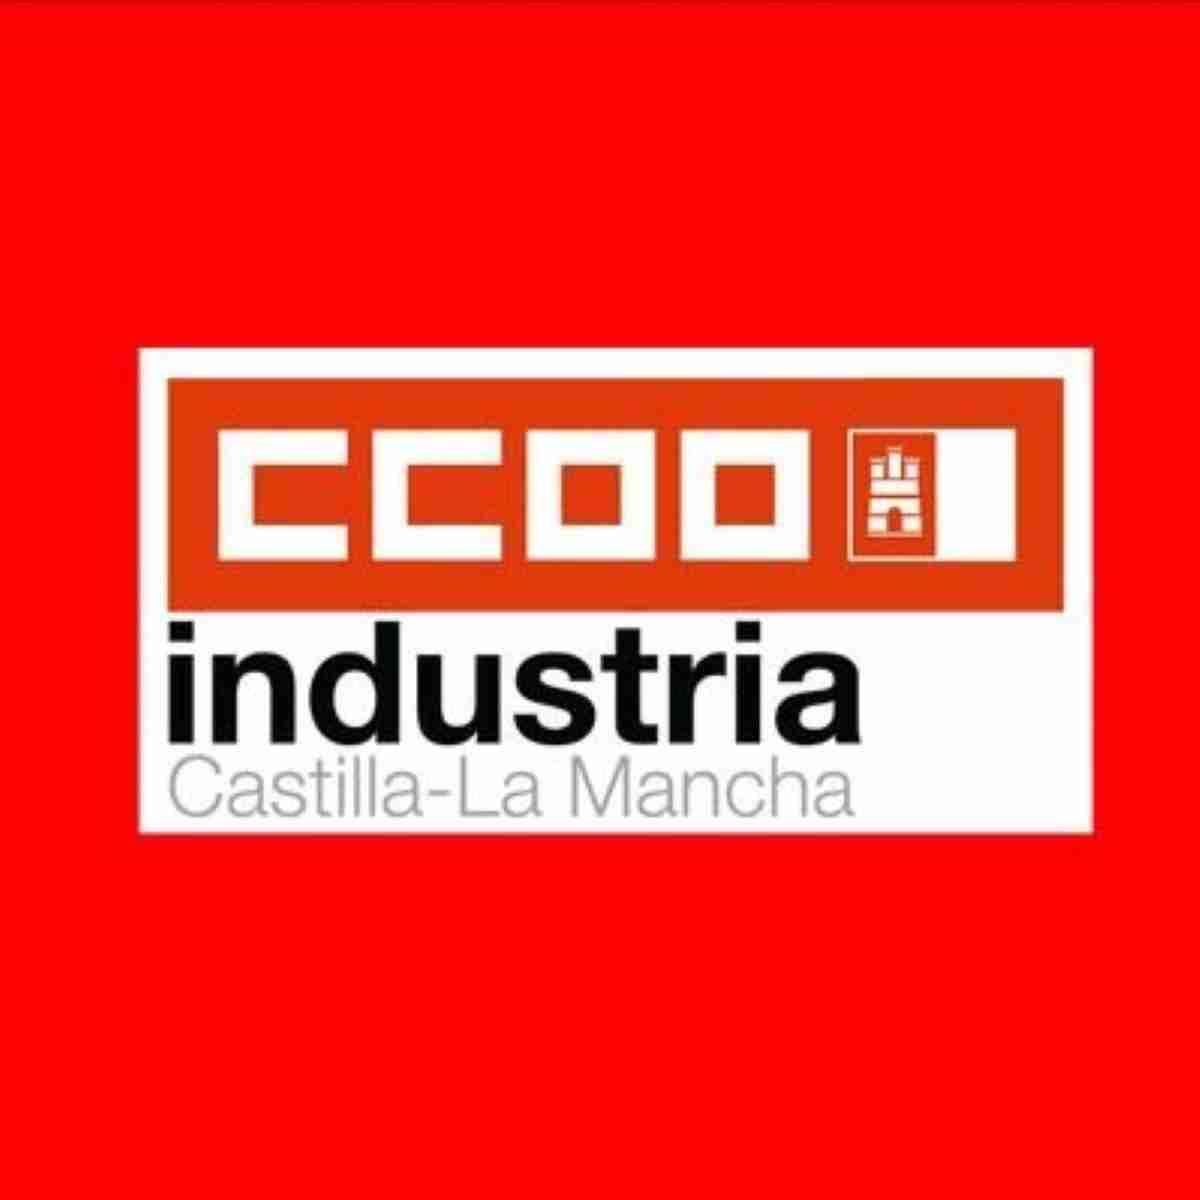 ccoo industria clm personas que trabajan en empresas del sector energetico